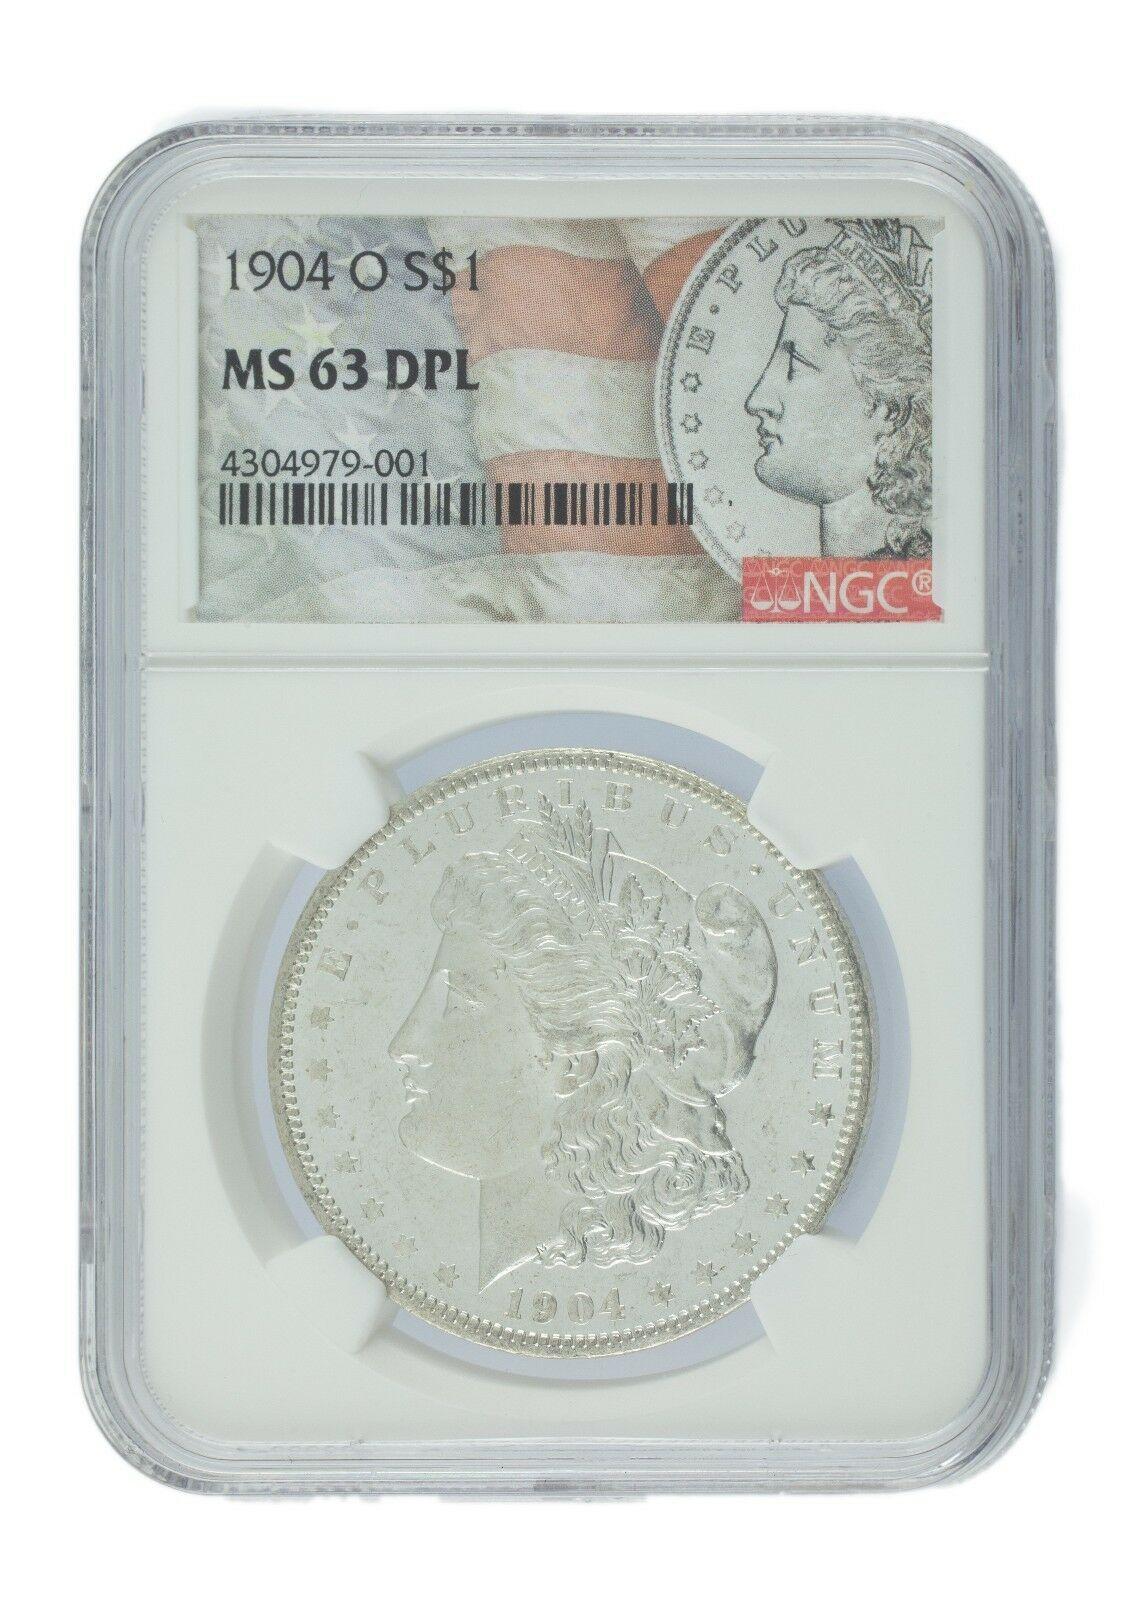 1904-O Argent Morgan Dollar Classé par NGC comme MS63 Dpl ! Superbe Finition